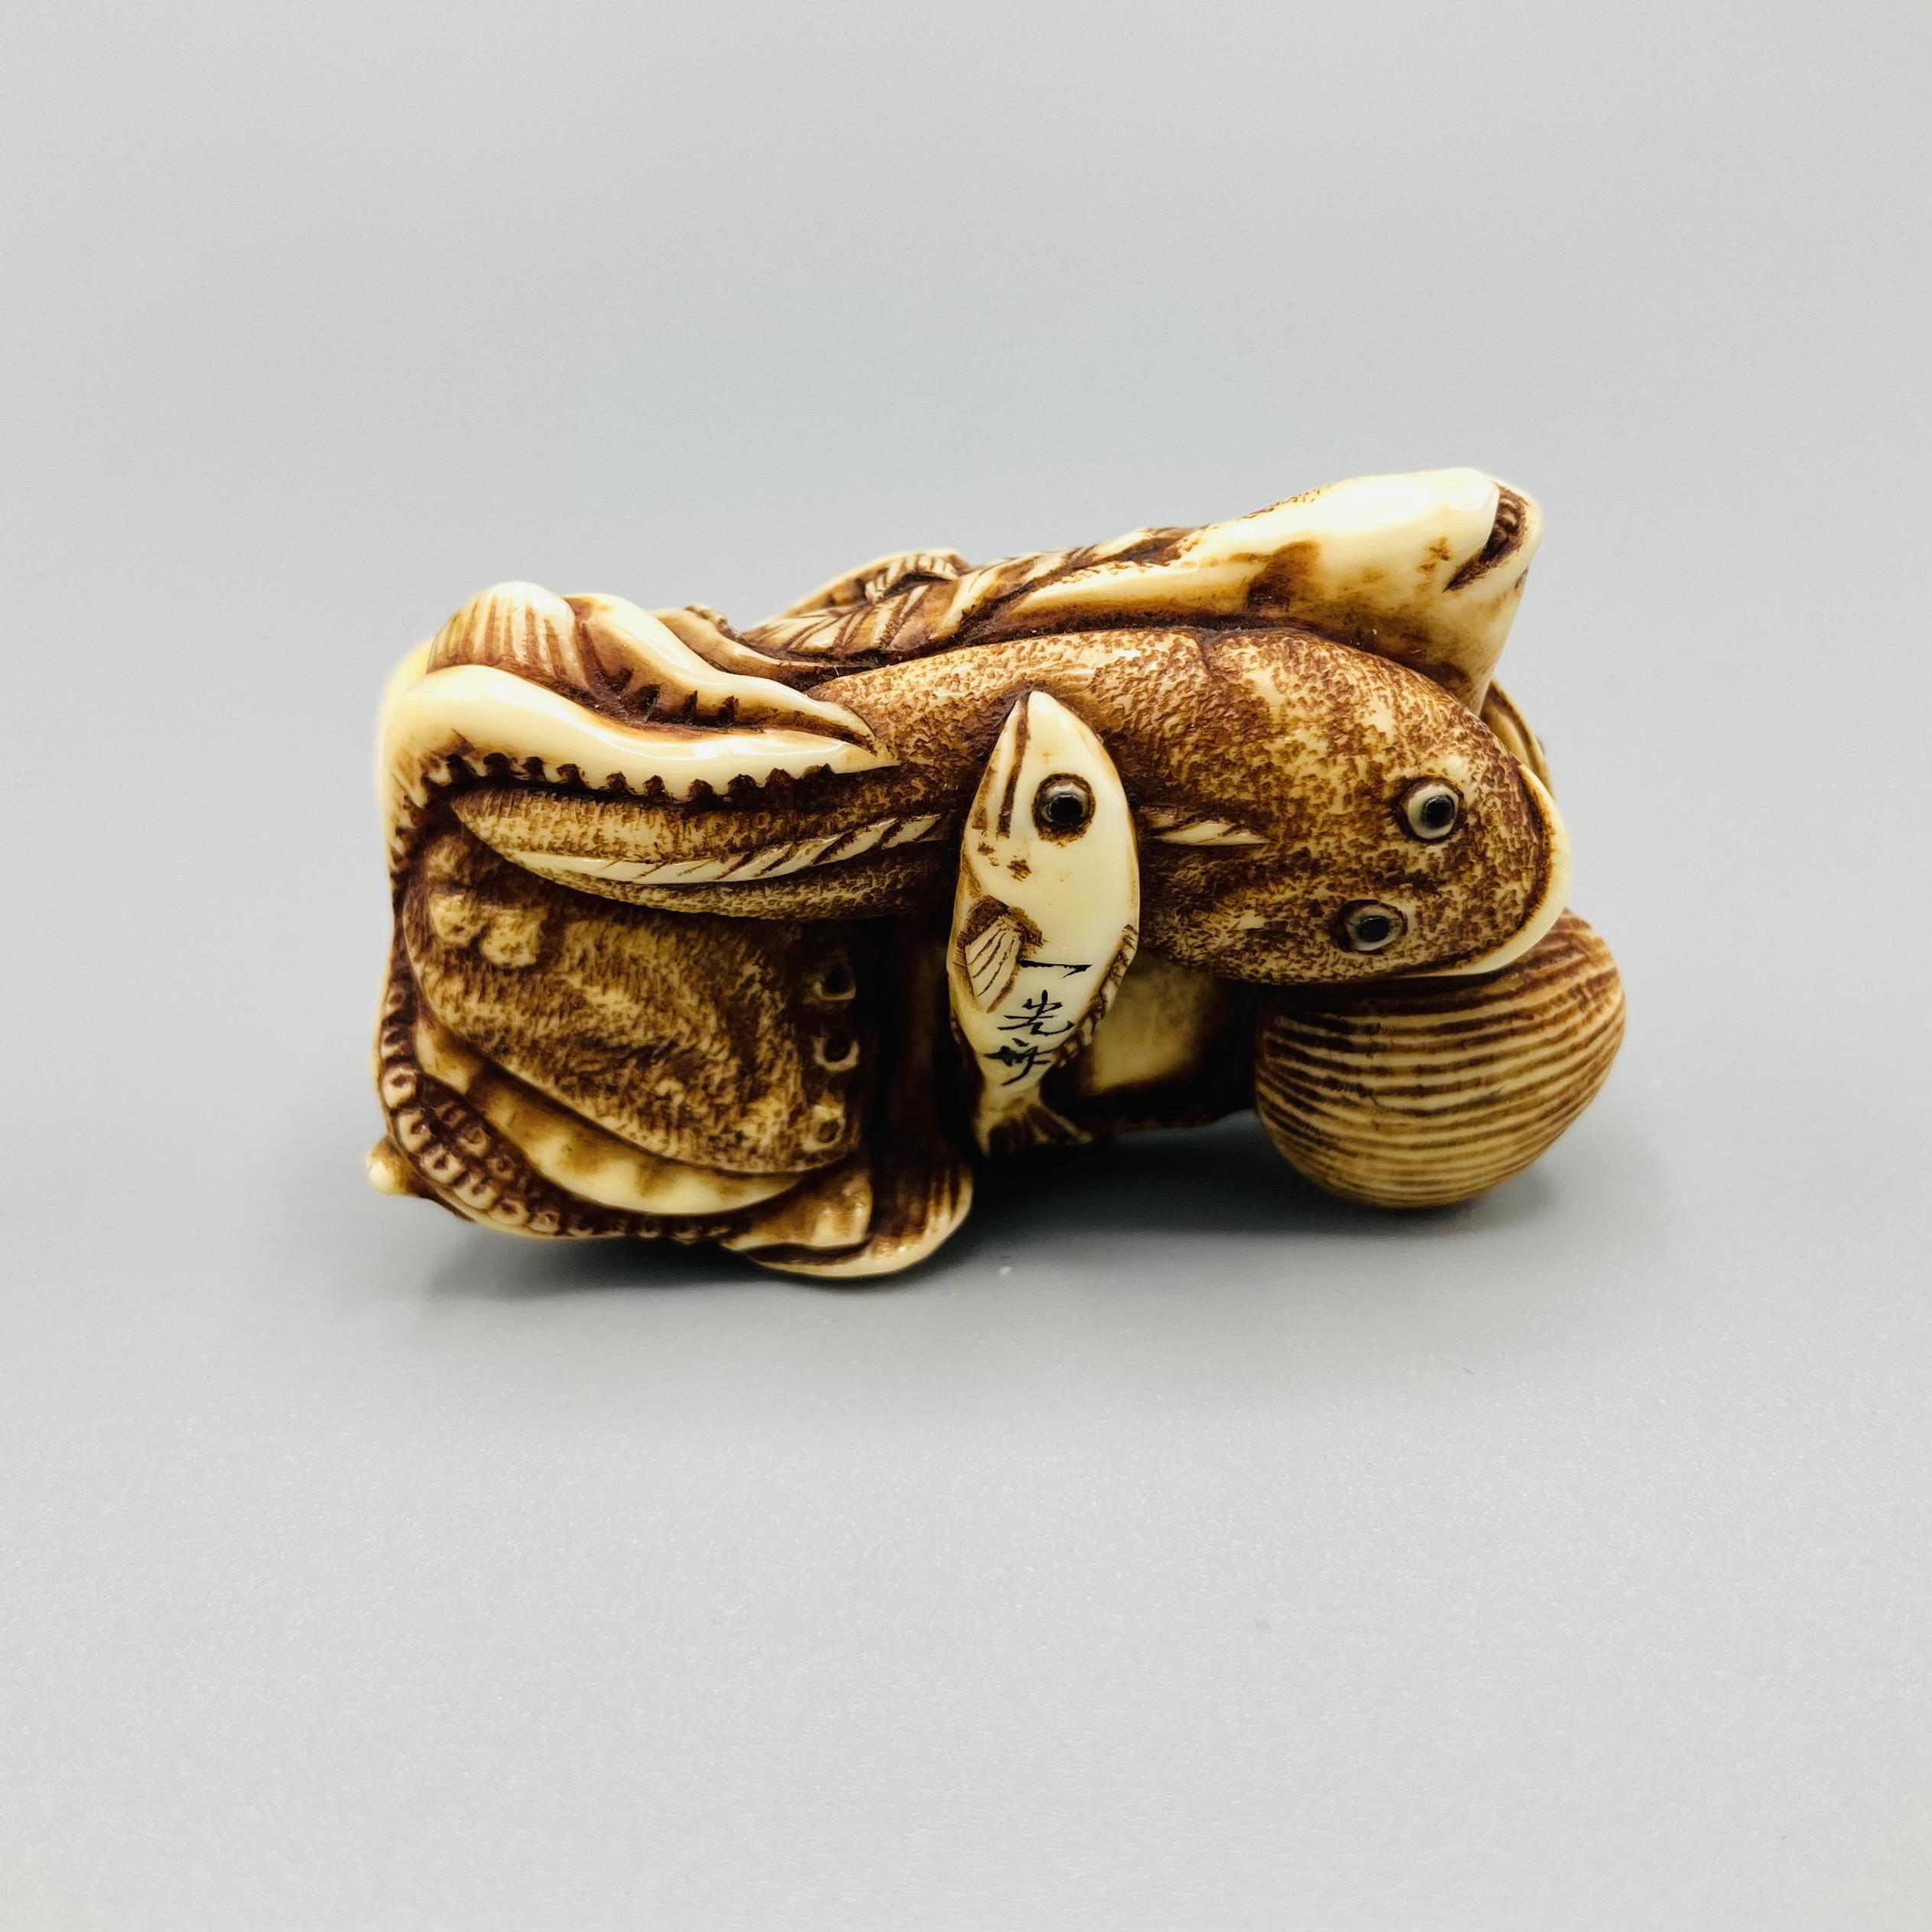 B508 Ikkosai ivory fish netsuke 4